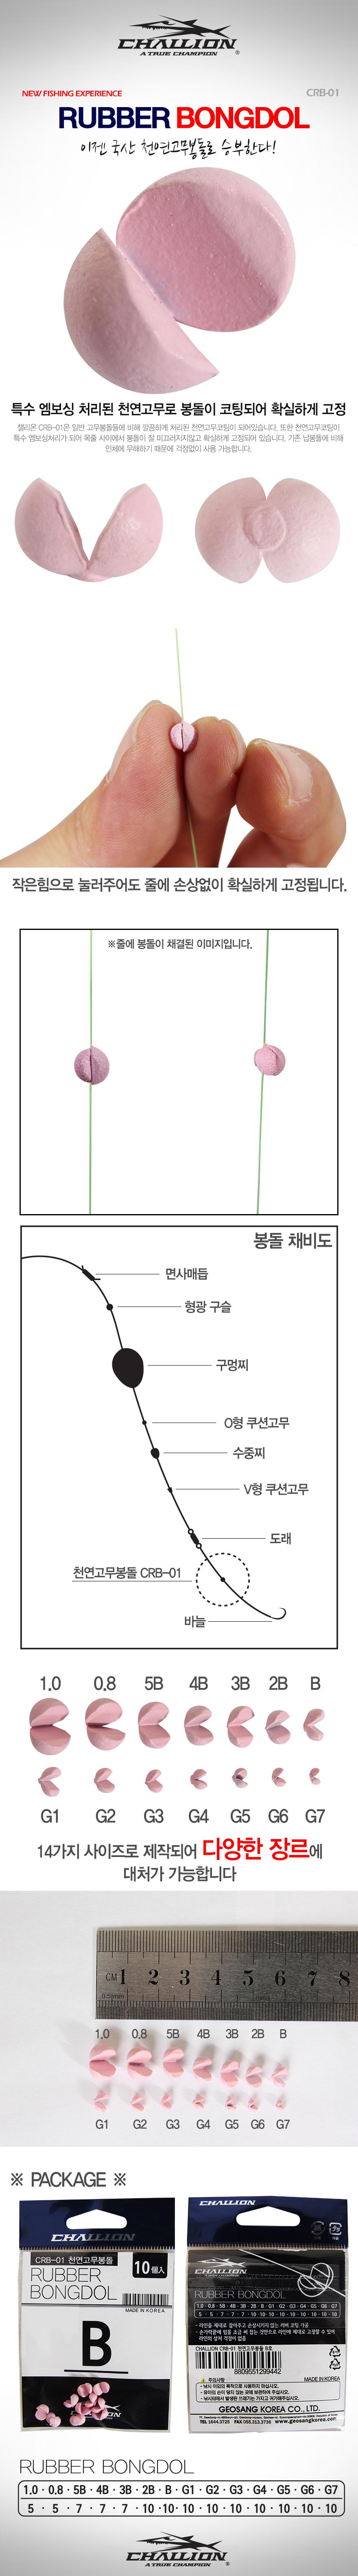 챌리온 천연고무봉돌 CRB-01 좁쌀봉돌 고무봉돌 러버봉돌 조개봉돌